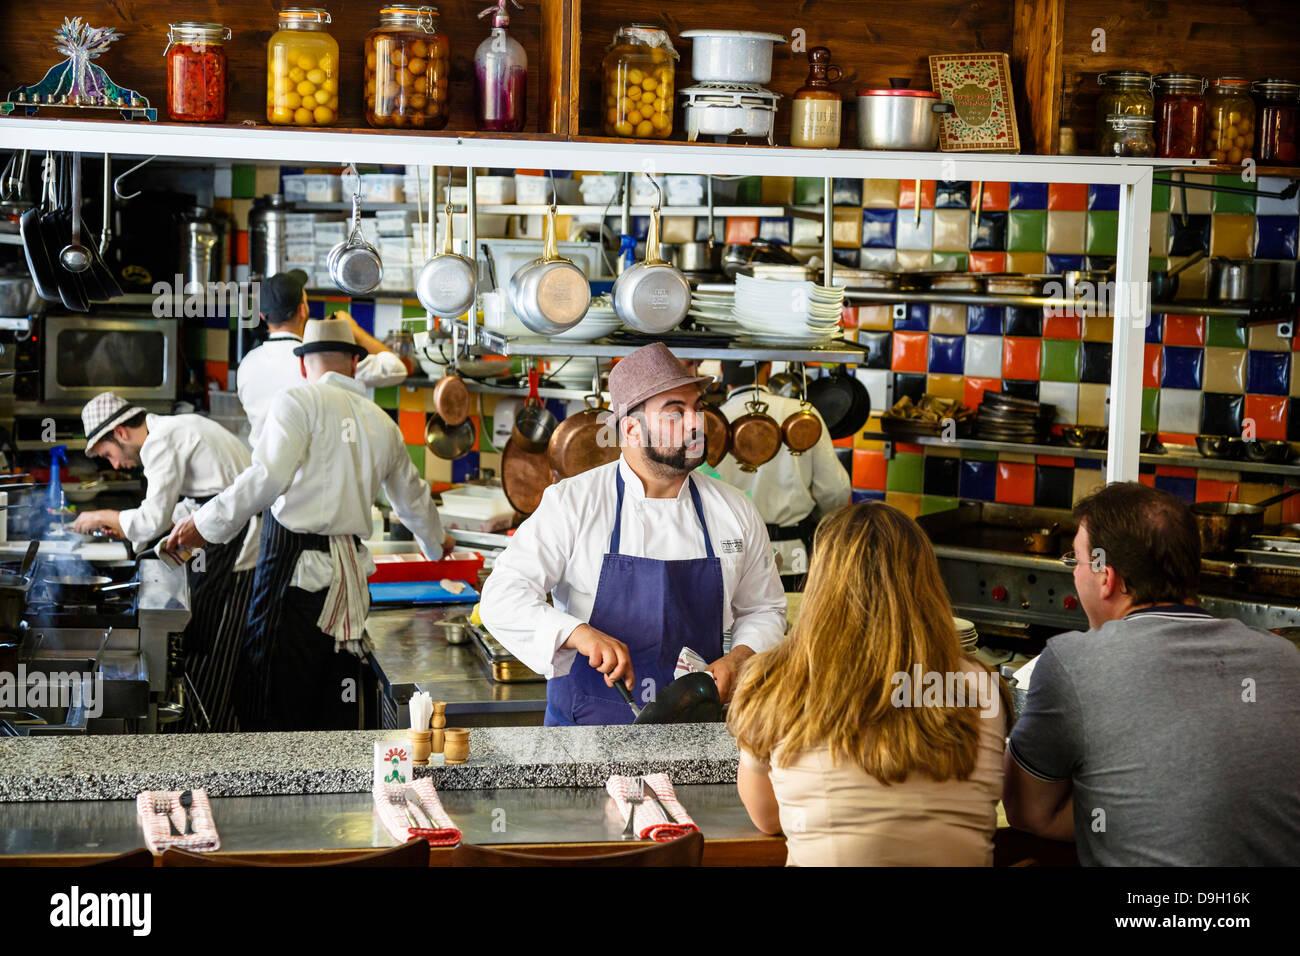 Restaurante Machneyuda, Jerusalem, Israel. Imagen De Stock